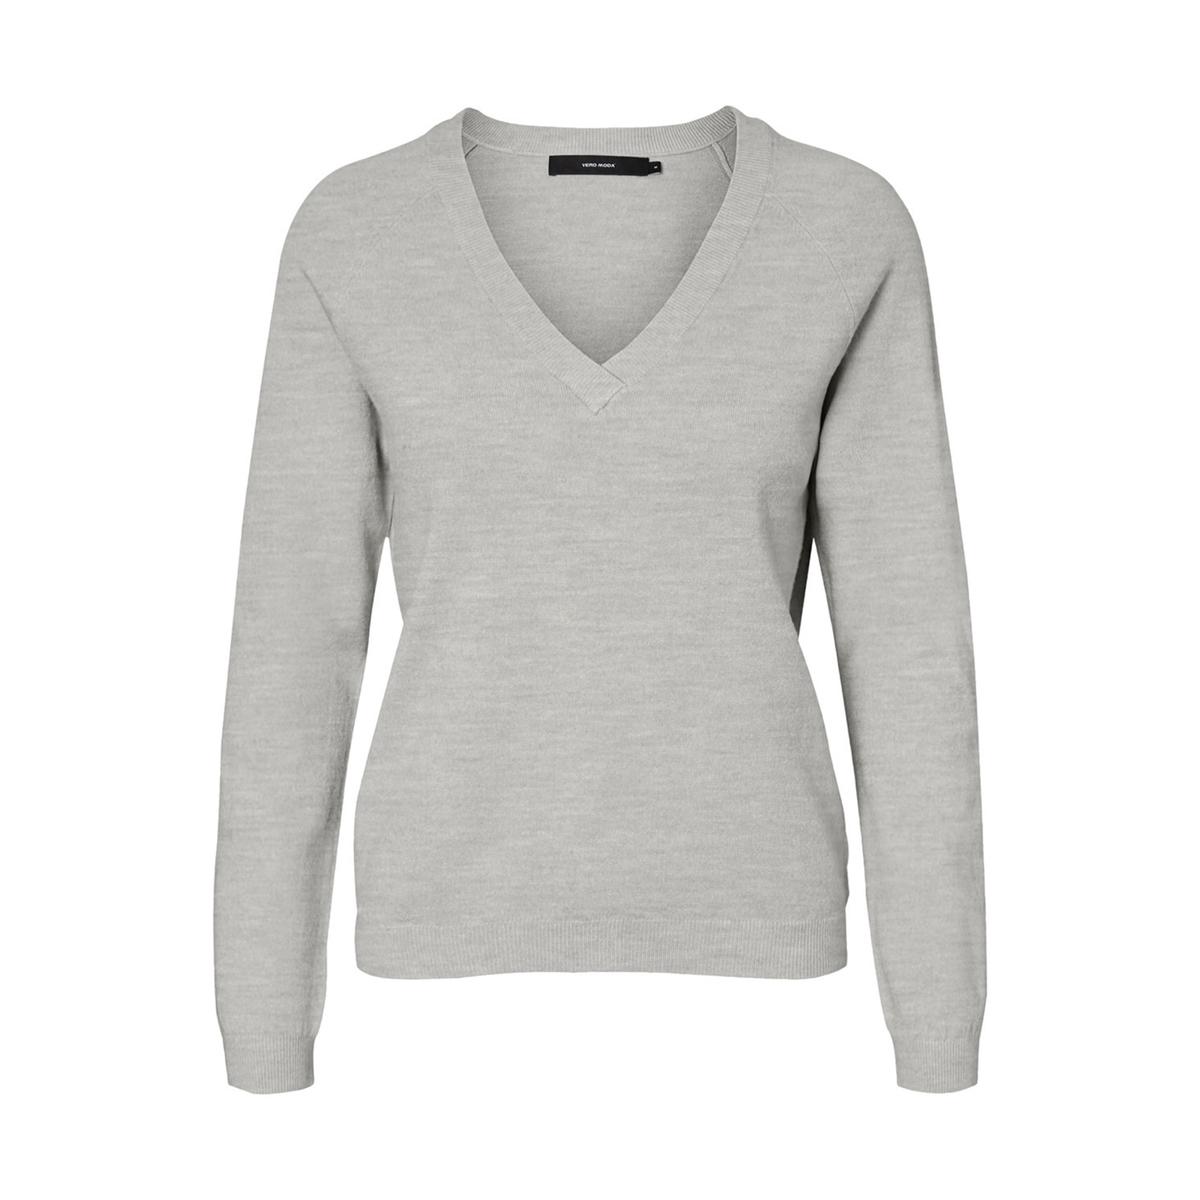 Пуловер La Redoute С V-образным вырезом из тонкого трикотажа XS серый пуловер la redoute с v образным вырезом из тонкого трикотажа s черный